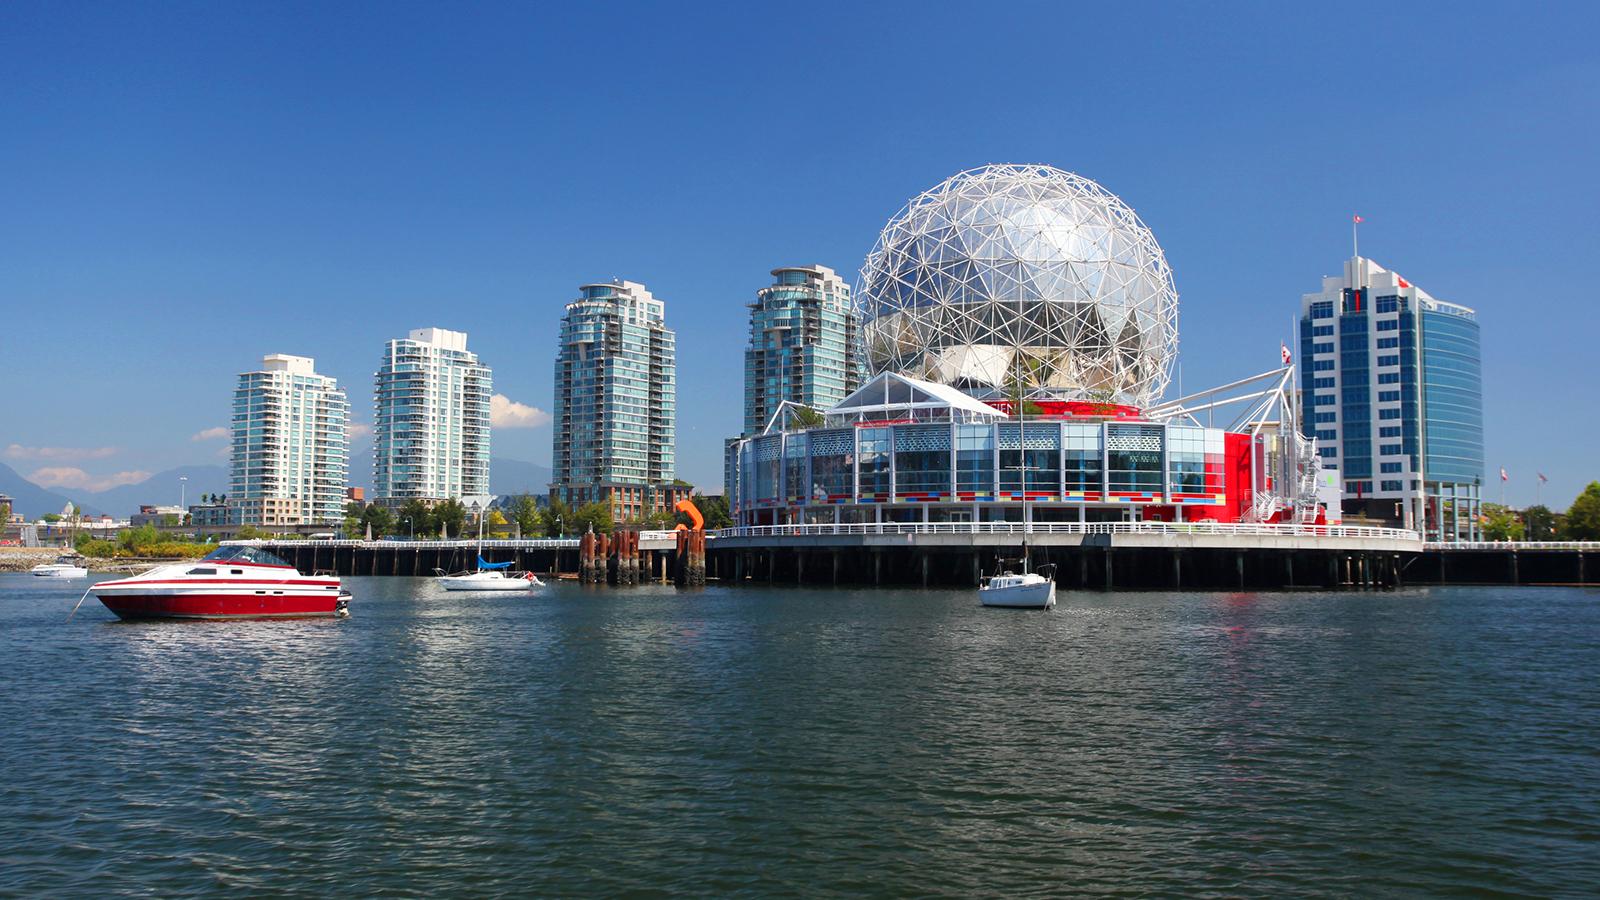 Cơ hội tìm kiếm việc làm ở Canada